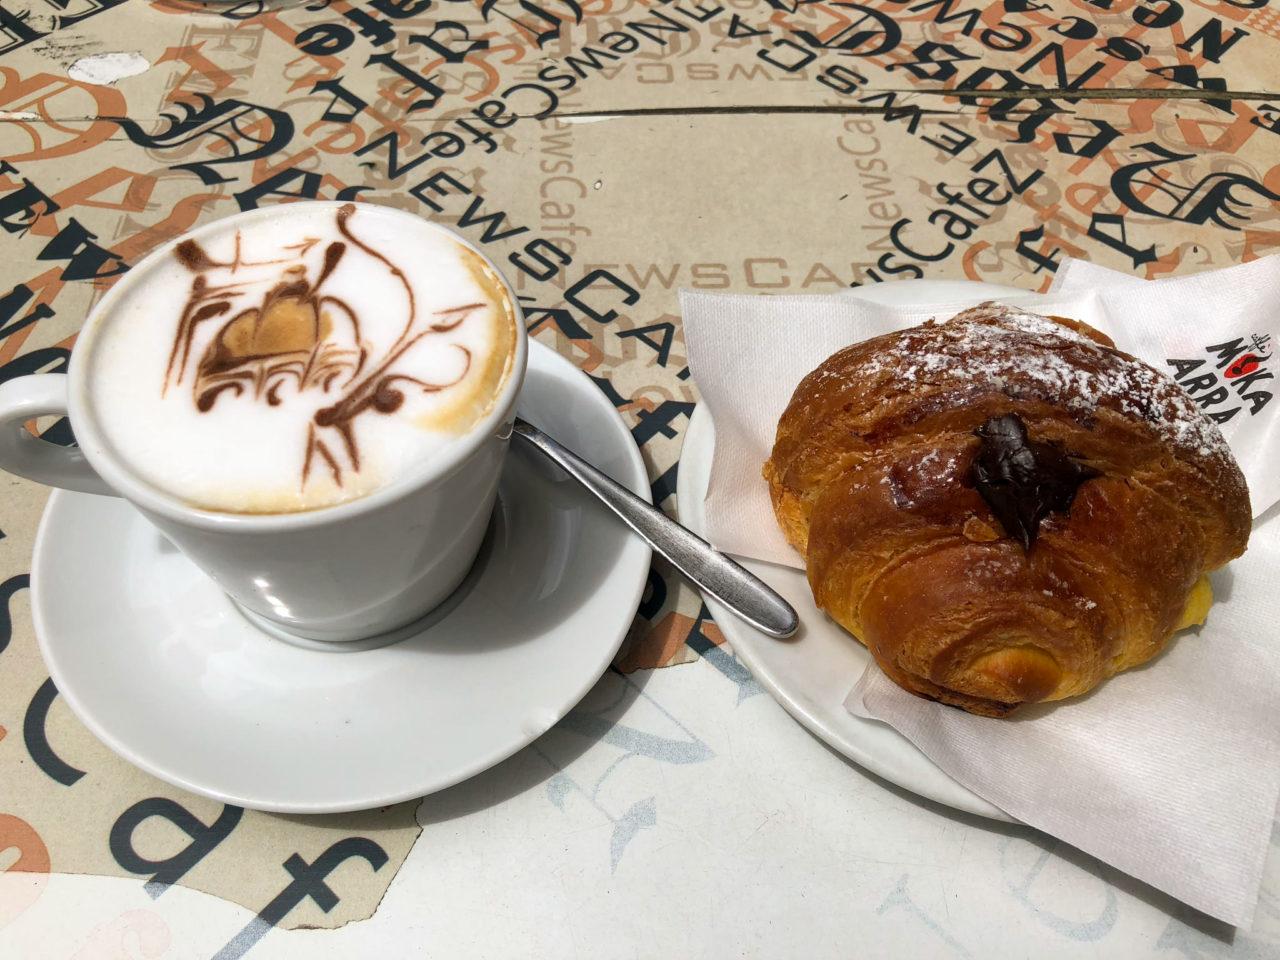 Виртуозная работа бариста - рисунок на сливочной пенке кофе